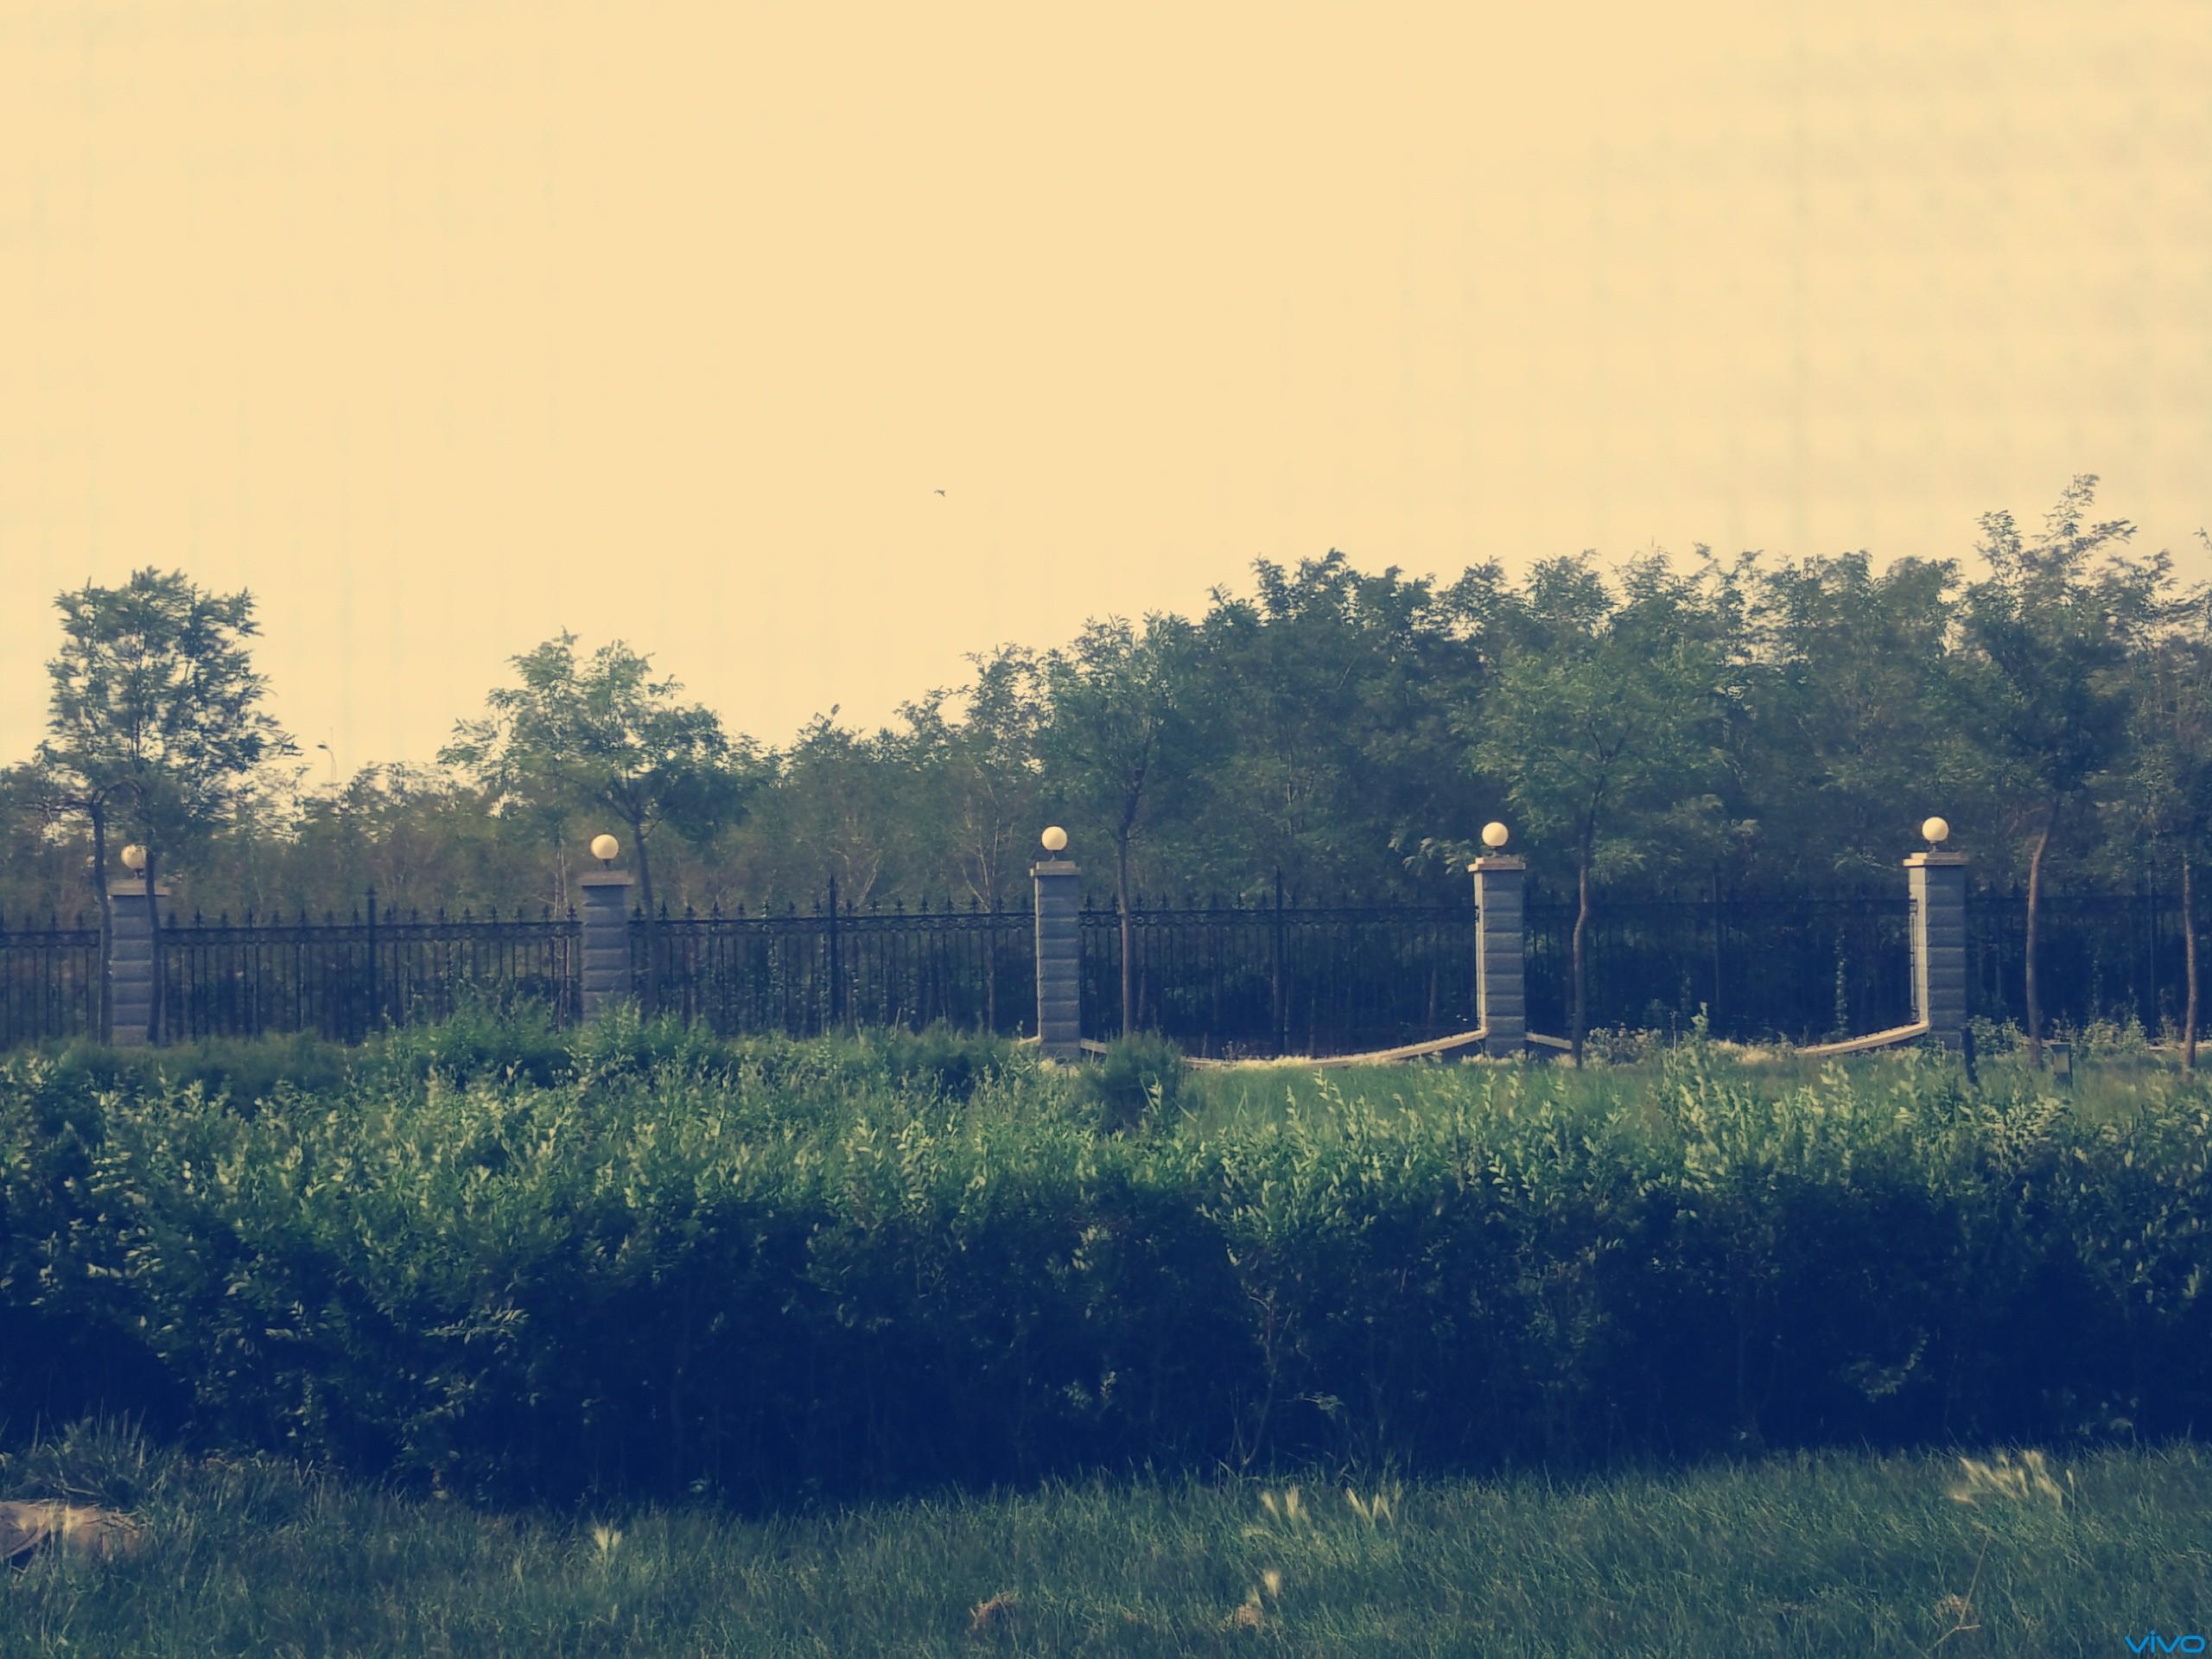 篱笆外的风景